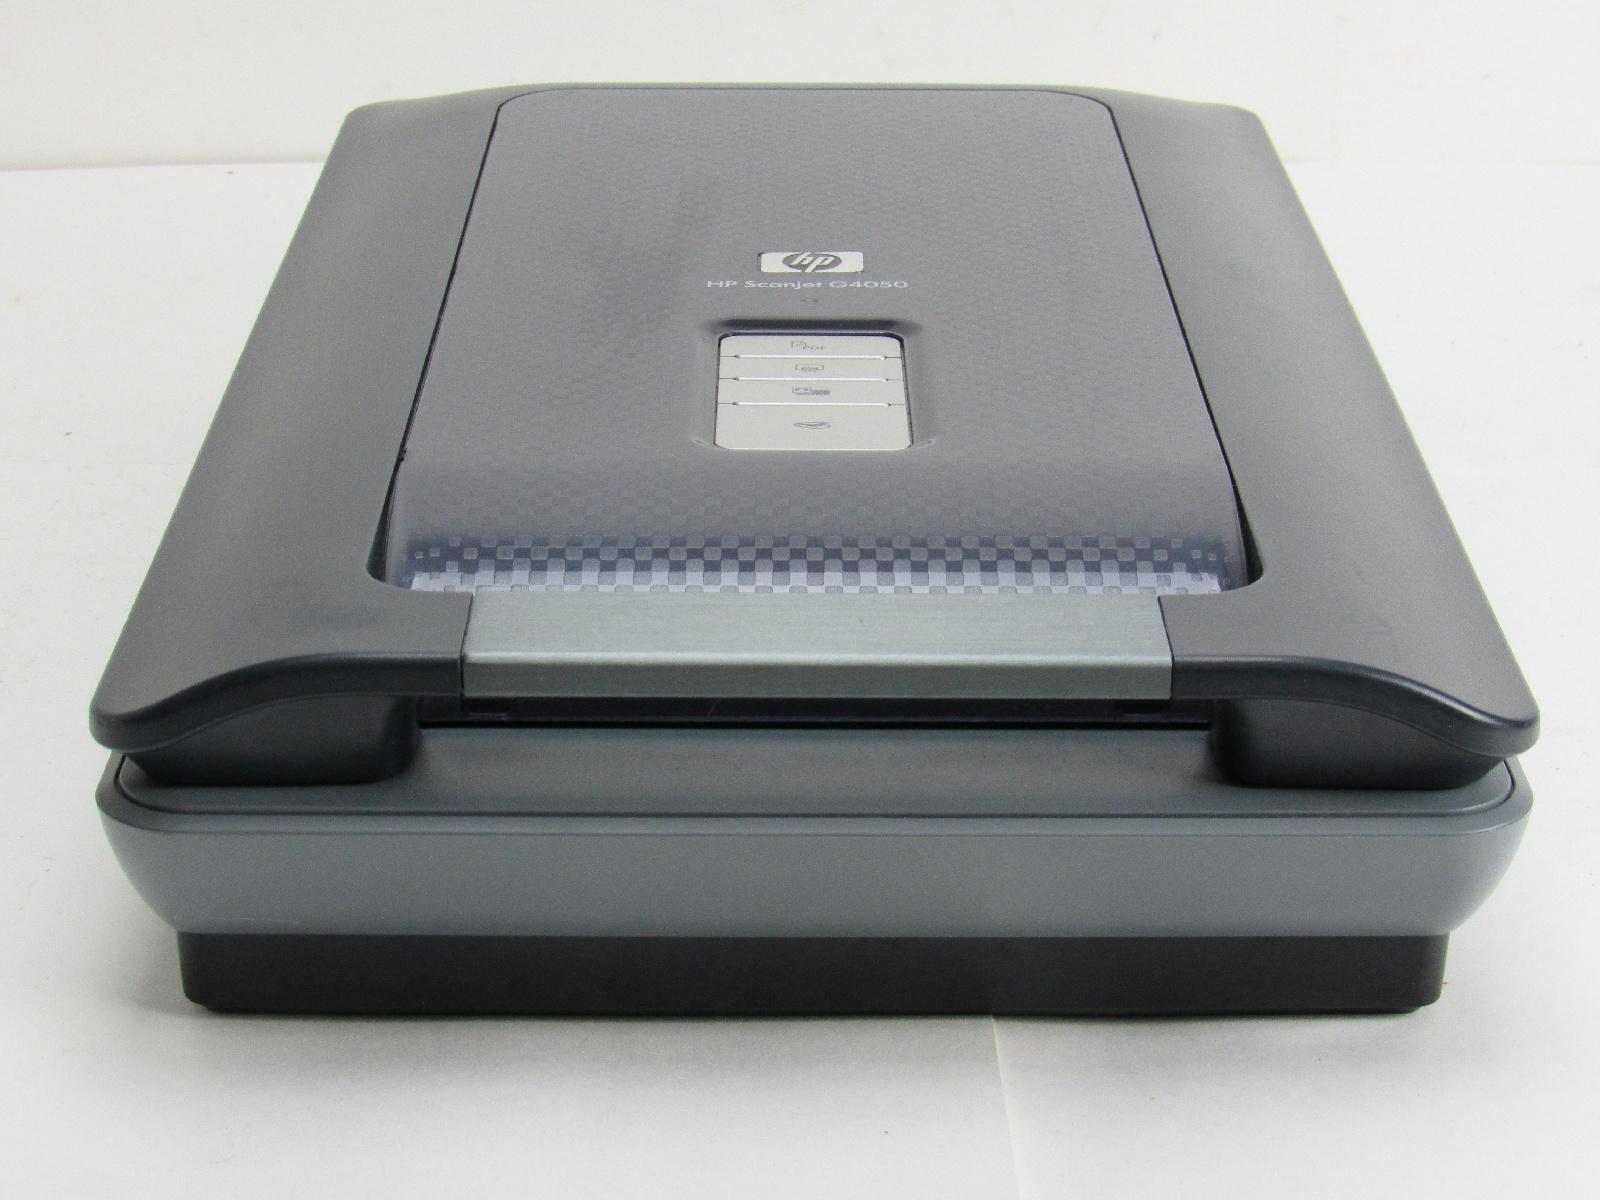 HP G4050 Duplex High Resolution Duplex Flatbed Photo ...